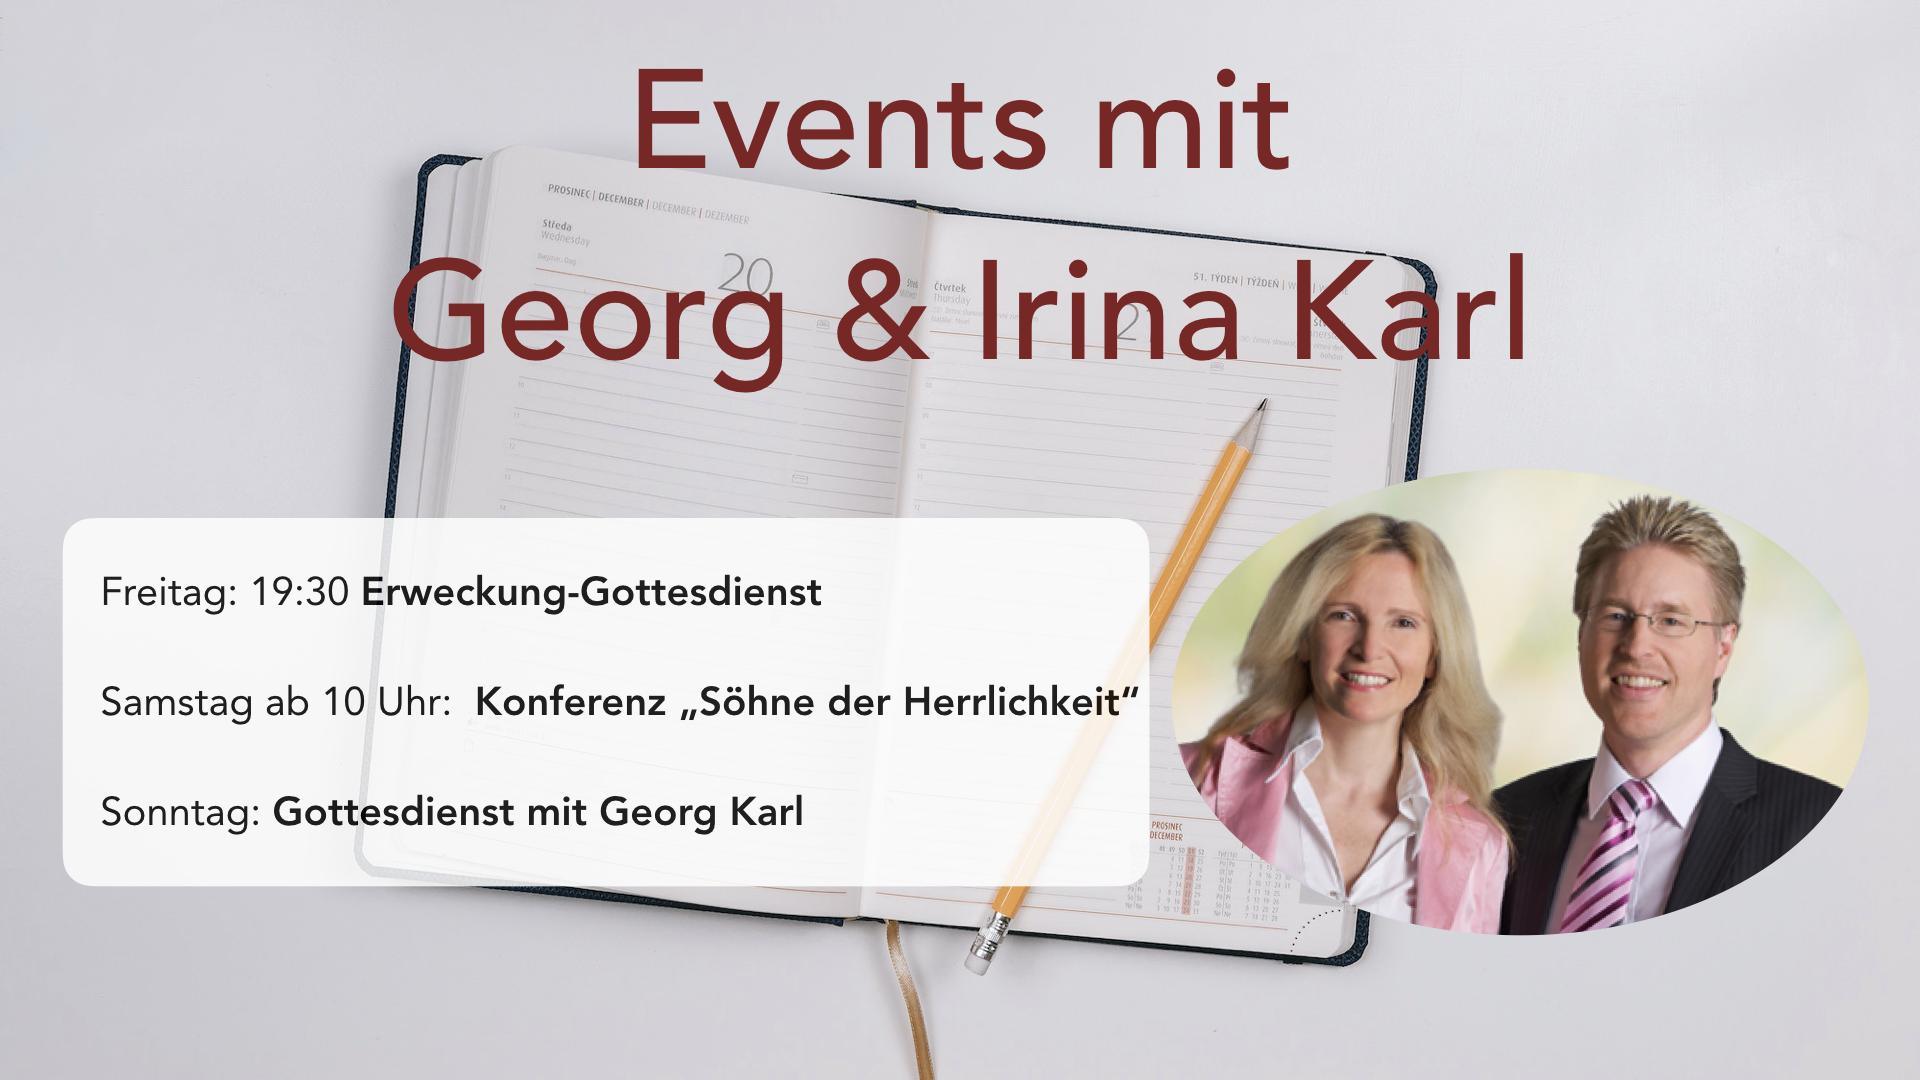 Events mit Georg und Irina Karl